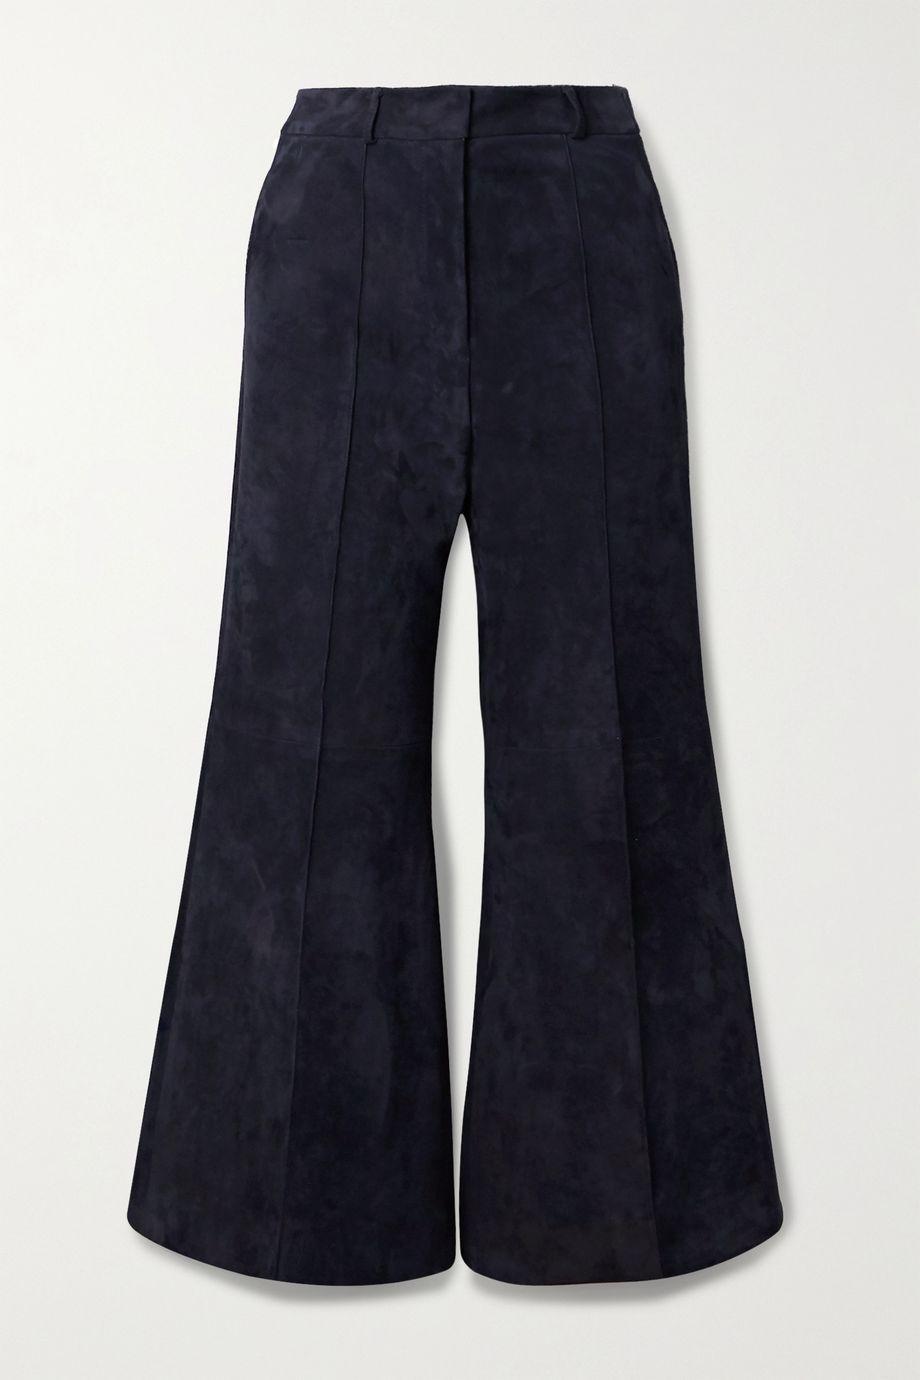 Khaite Bruce cropped suede wide-leg pants